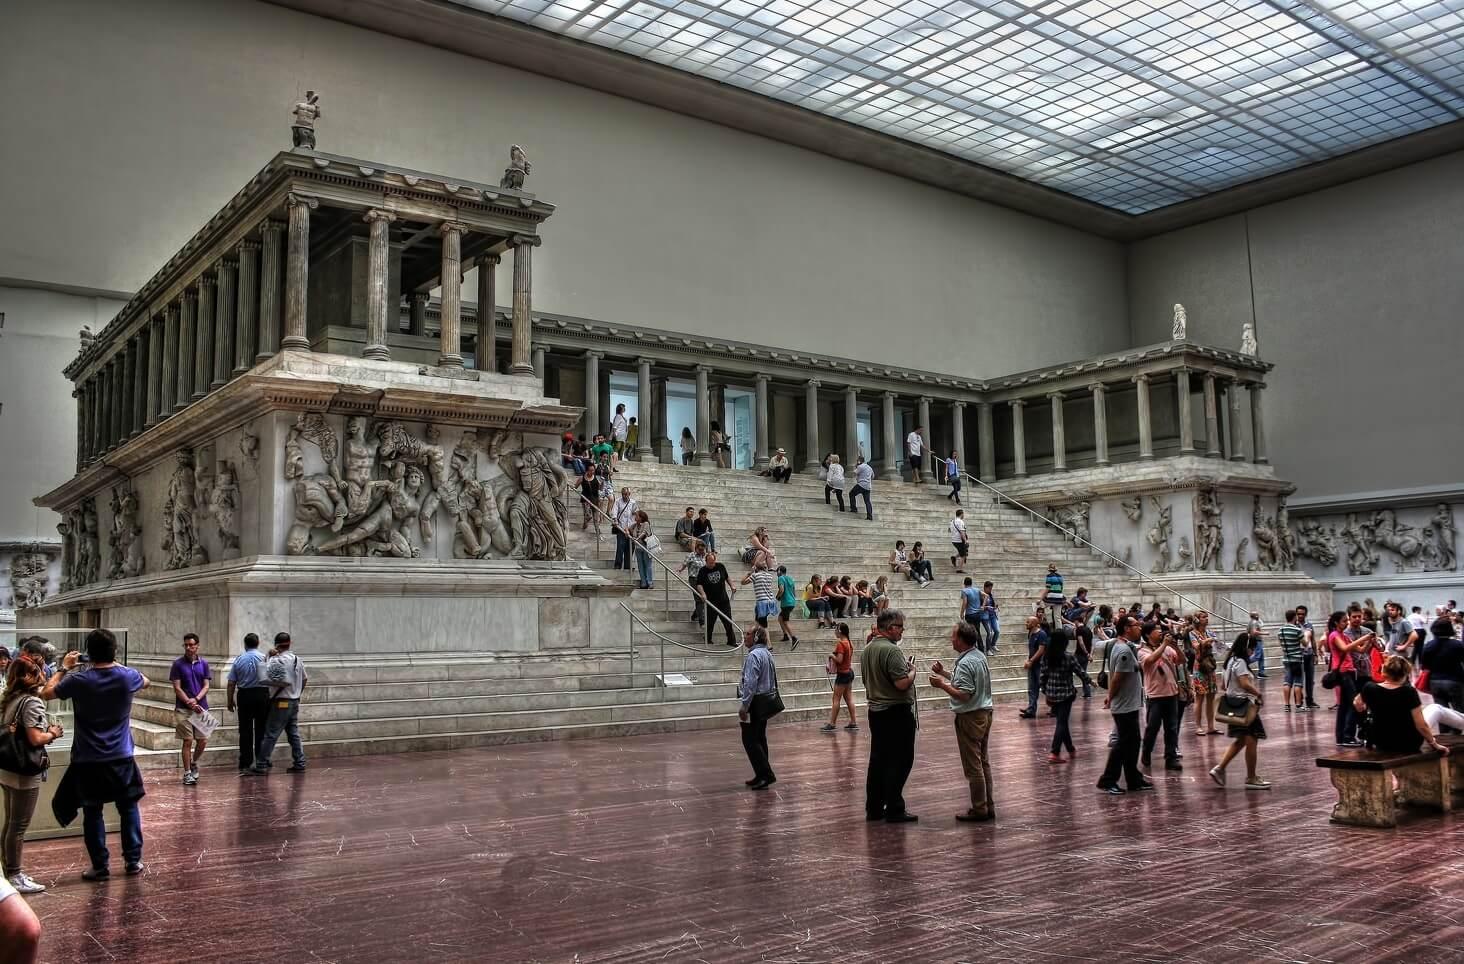 Музей пергамон в берлине: билеты, экскурсия, часы работы